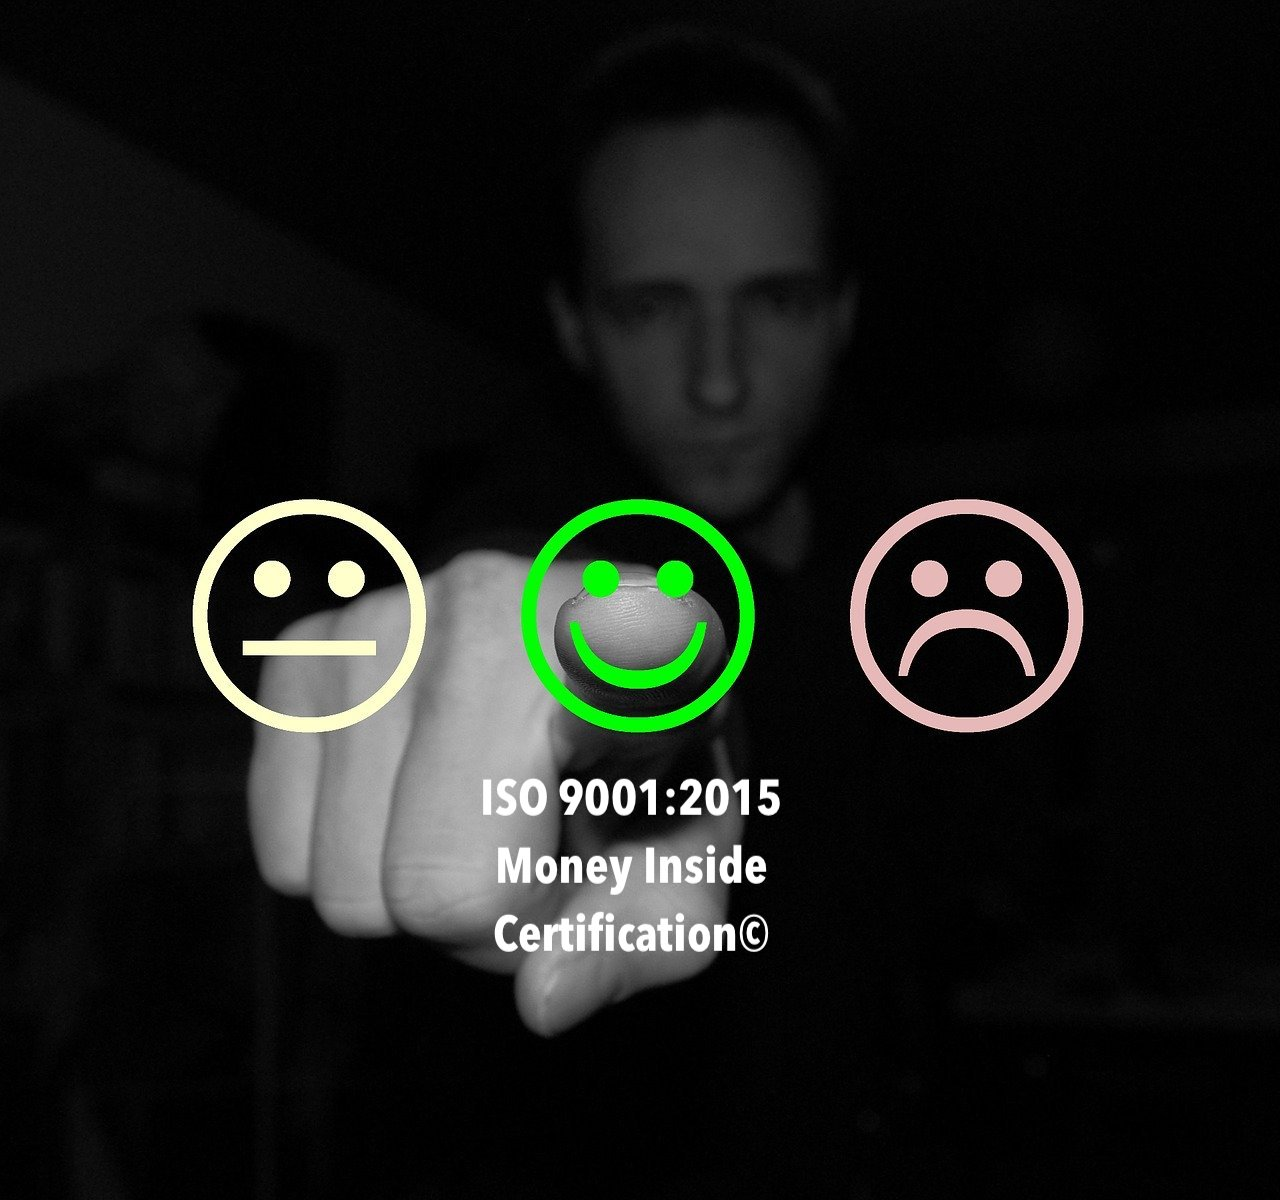 Se fai Impresa, la Certificazione ISO 9001:2015 CERTIFICATION Milano porta SOLDI Sostenibilmente!